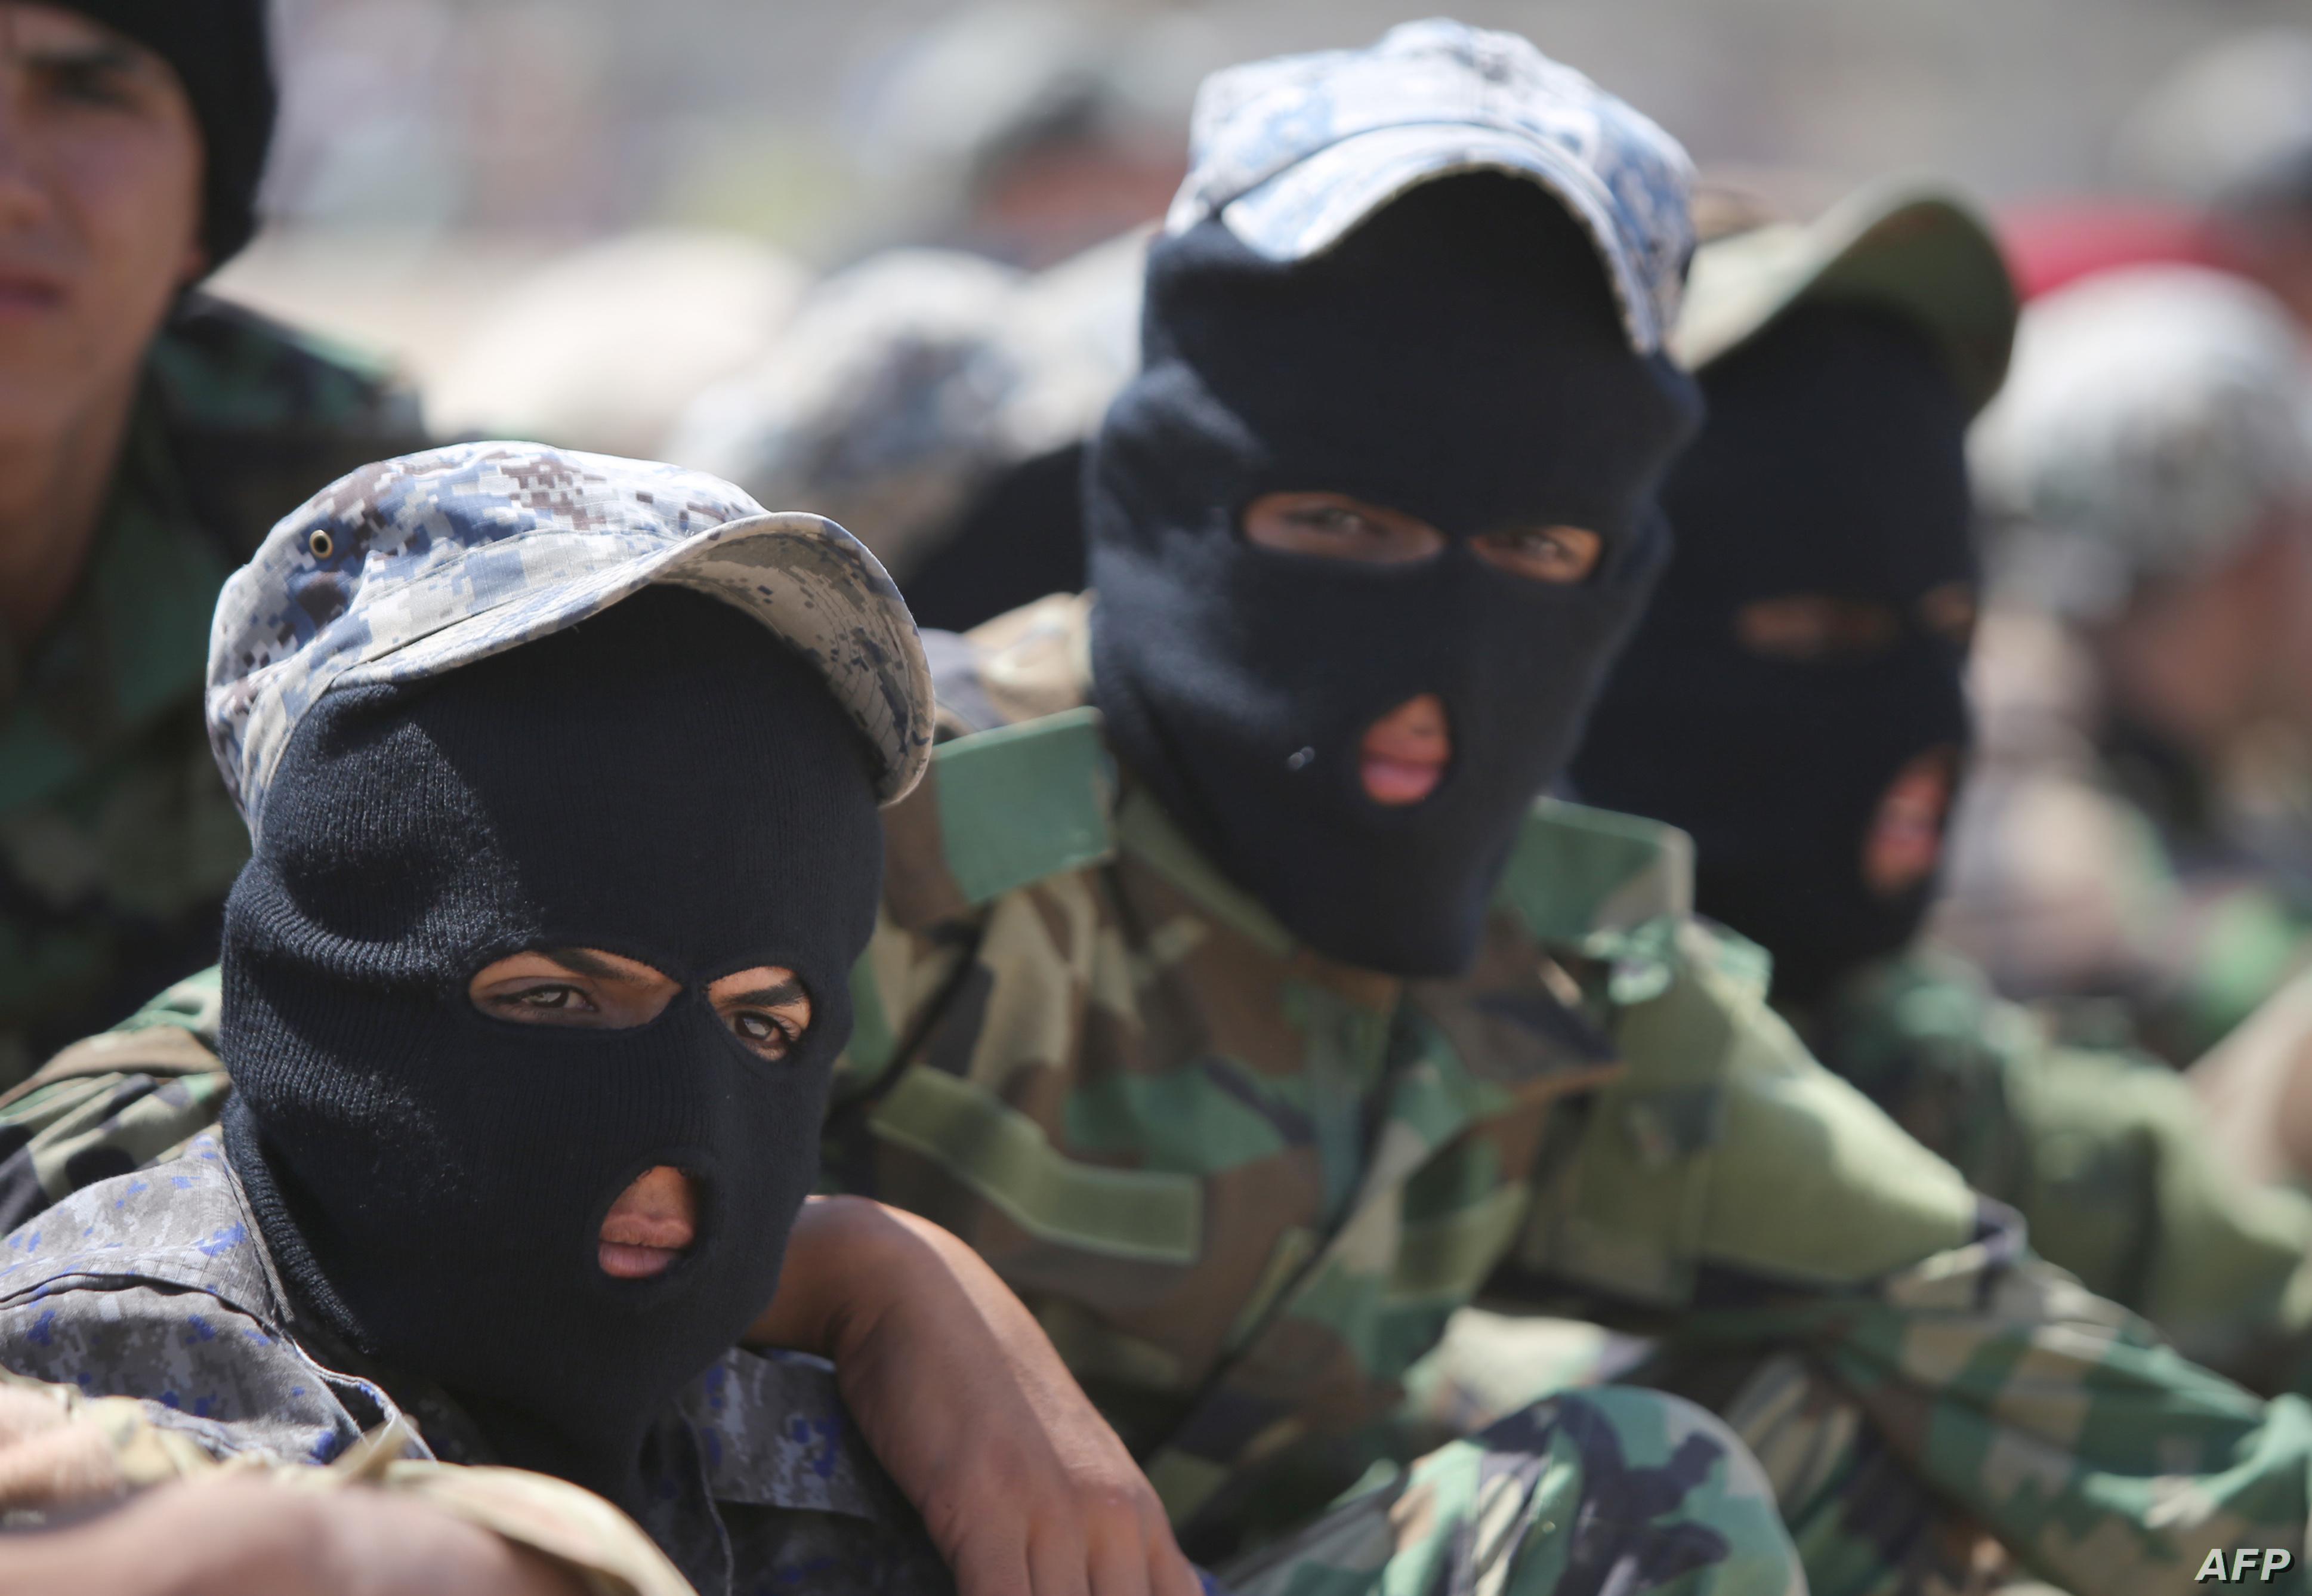 محلل: الفوضى ستستمر إلى أن تغير الحكومة تعاطيها مع إرهاب المليشيات